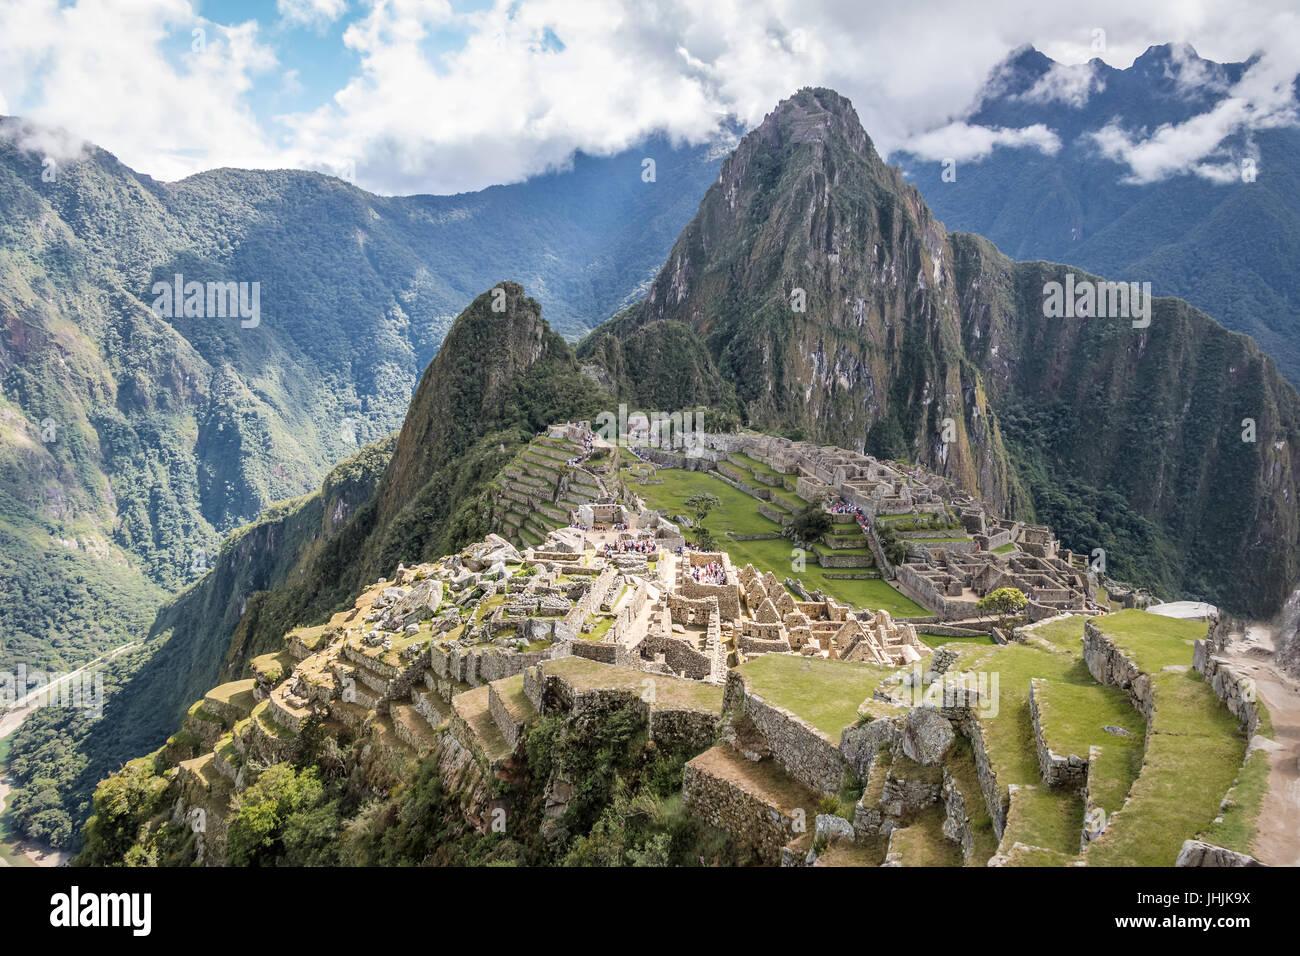 Las ruinas incas de Machu Picchu - Valle Sagrado, Perú Imagen De Stock